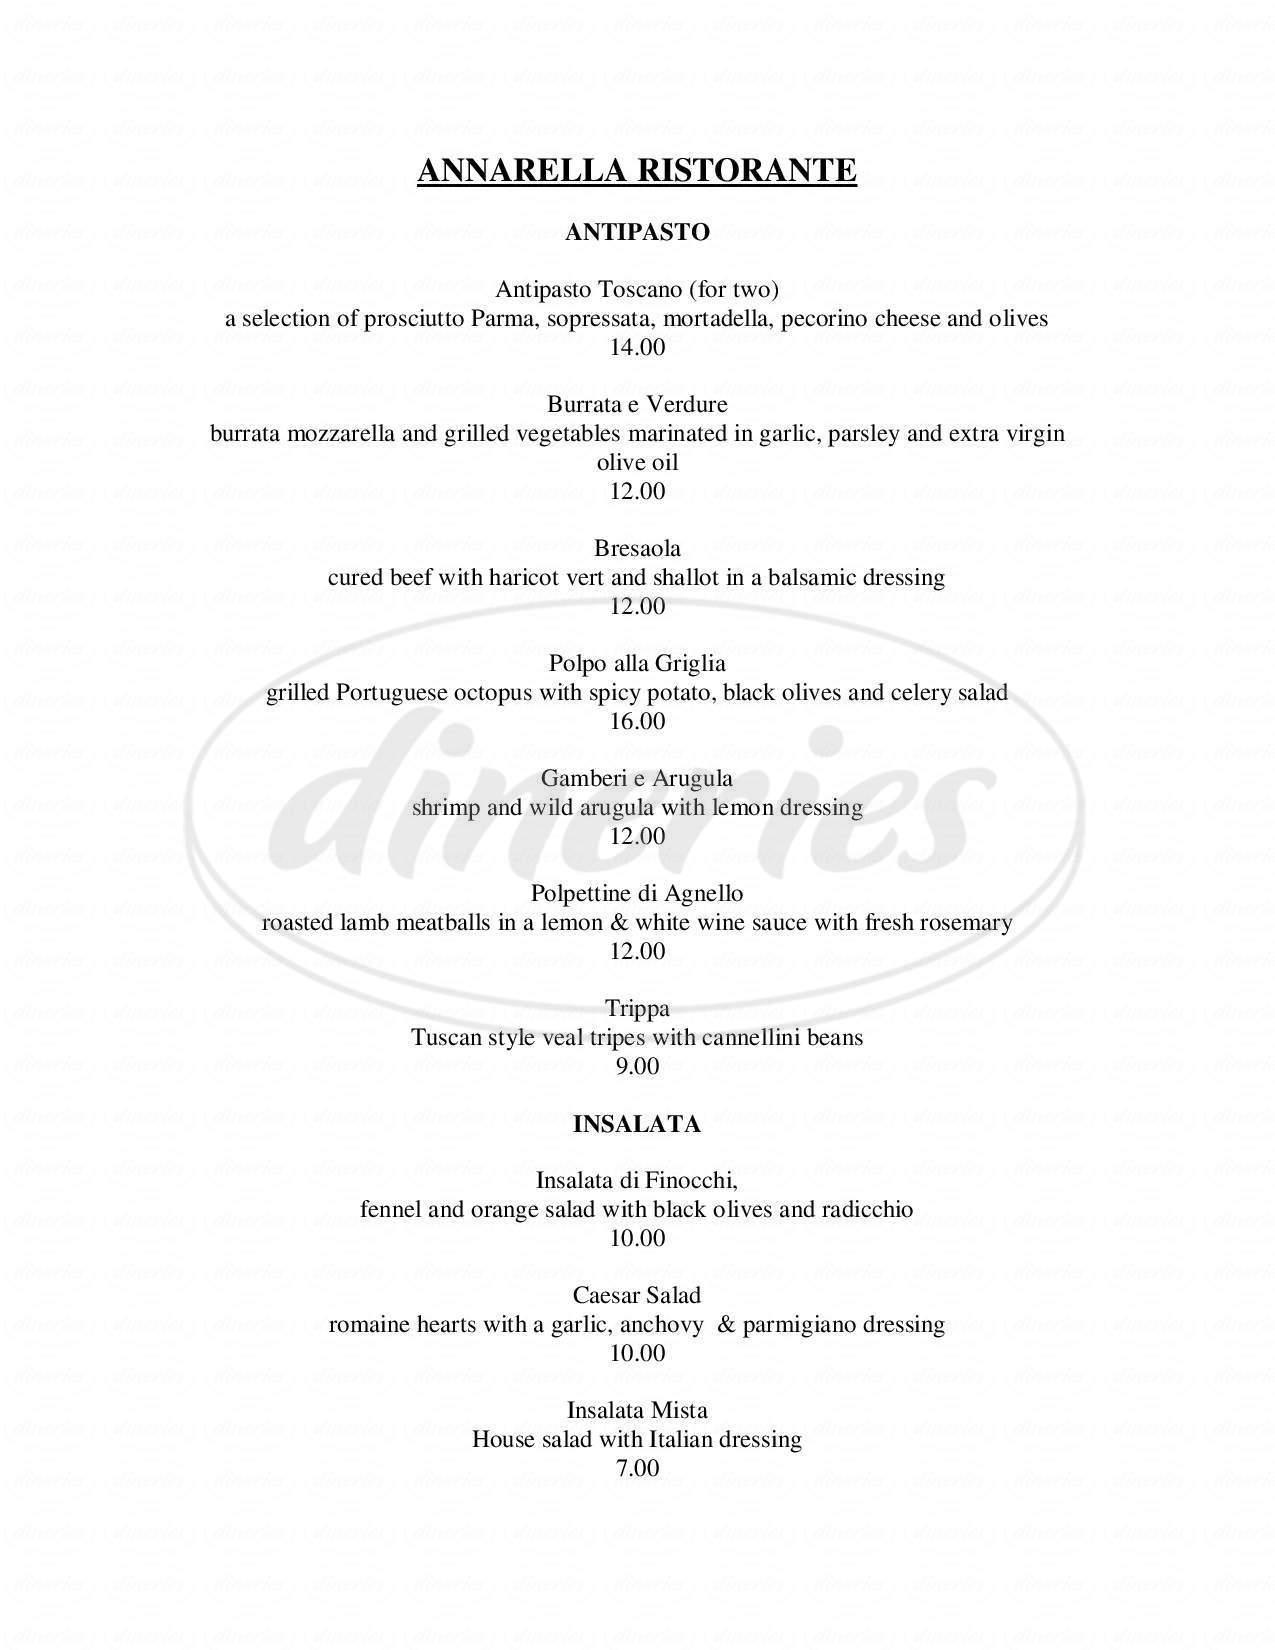 menu for Annarella Ristorante